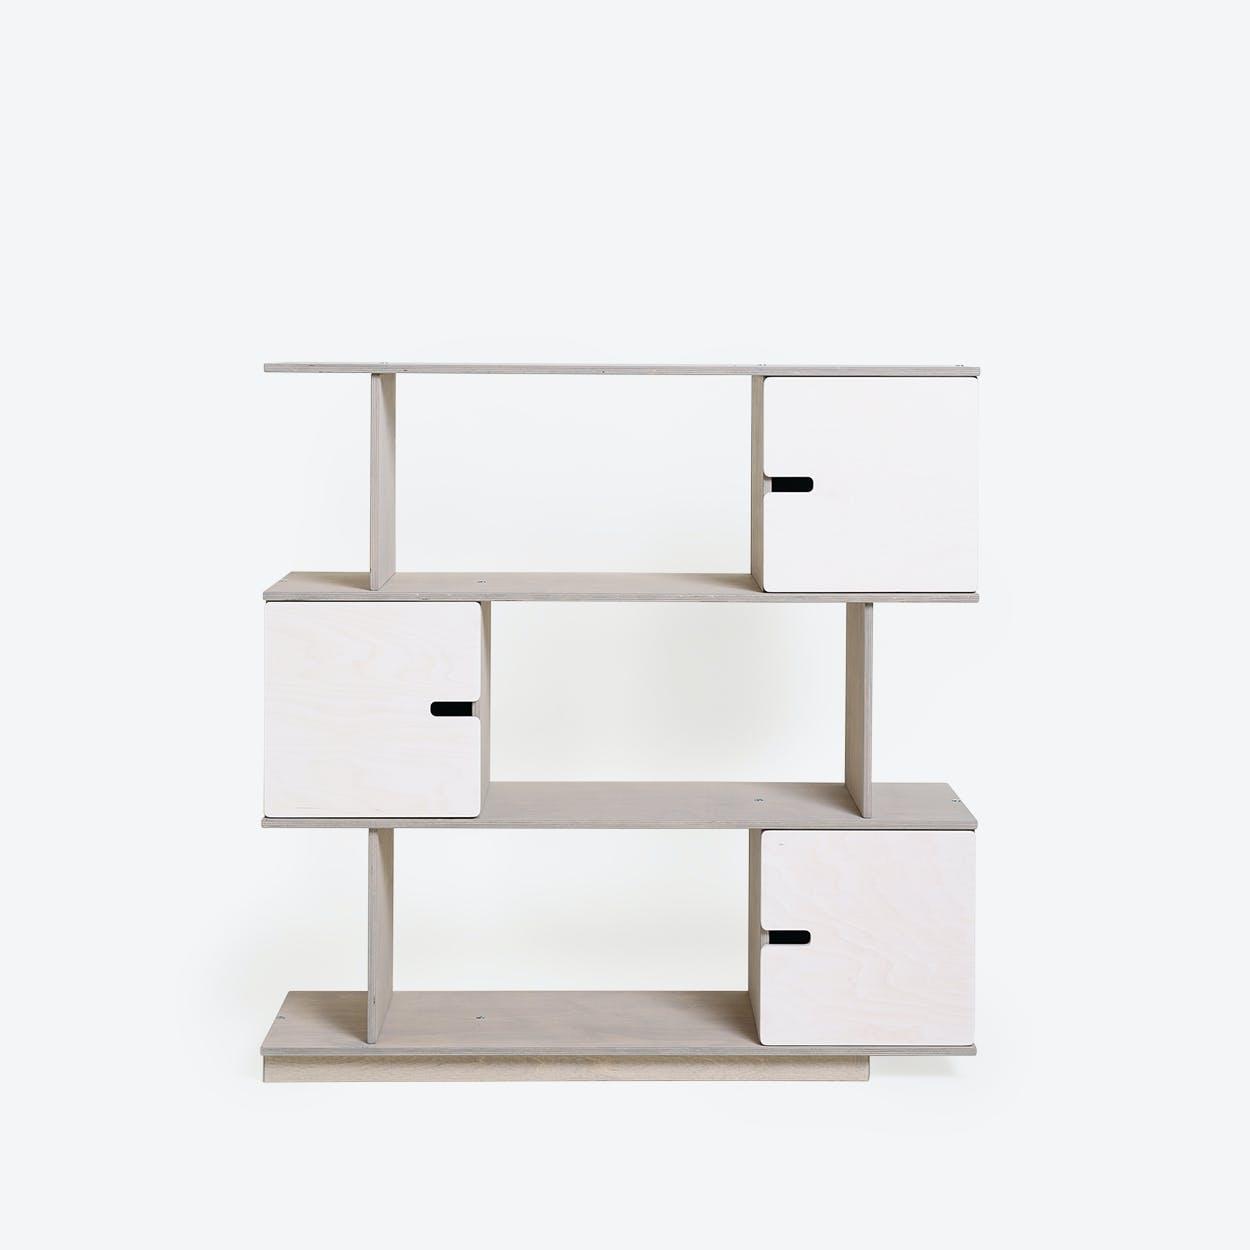 Shelf PIX 3-Levels Light Grey/White